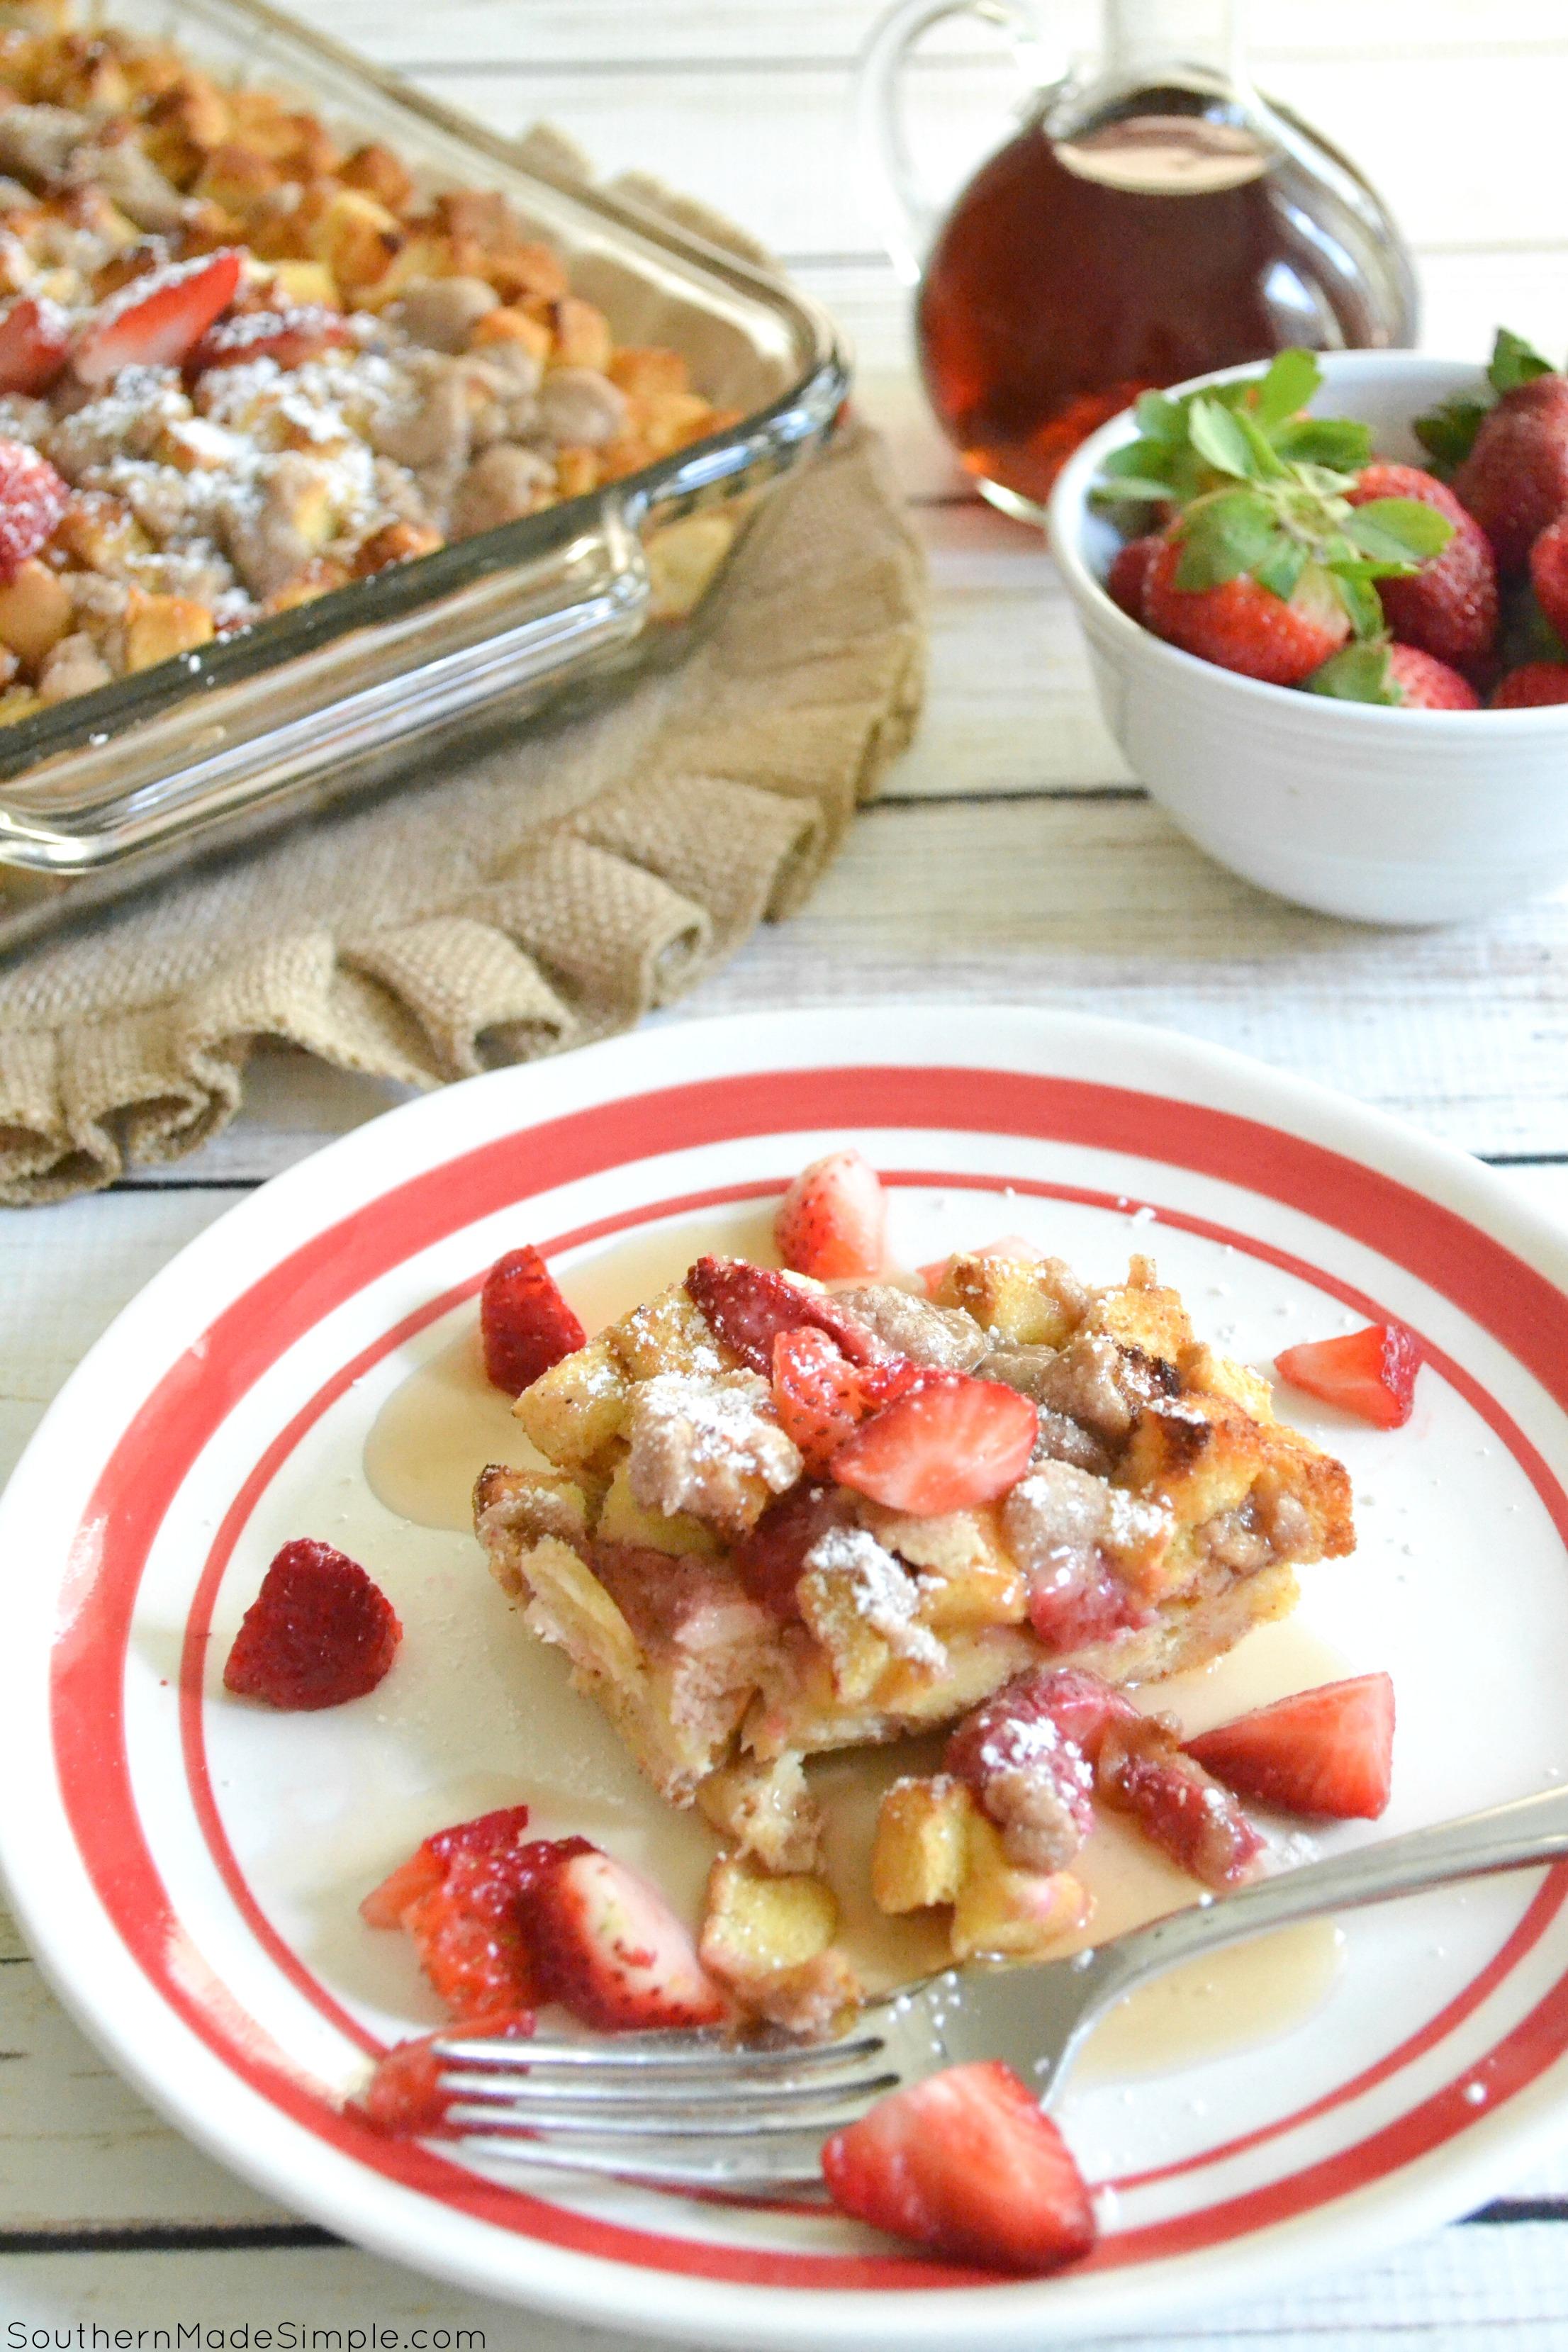 Strawberry French Toast Bake